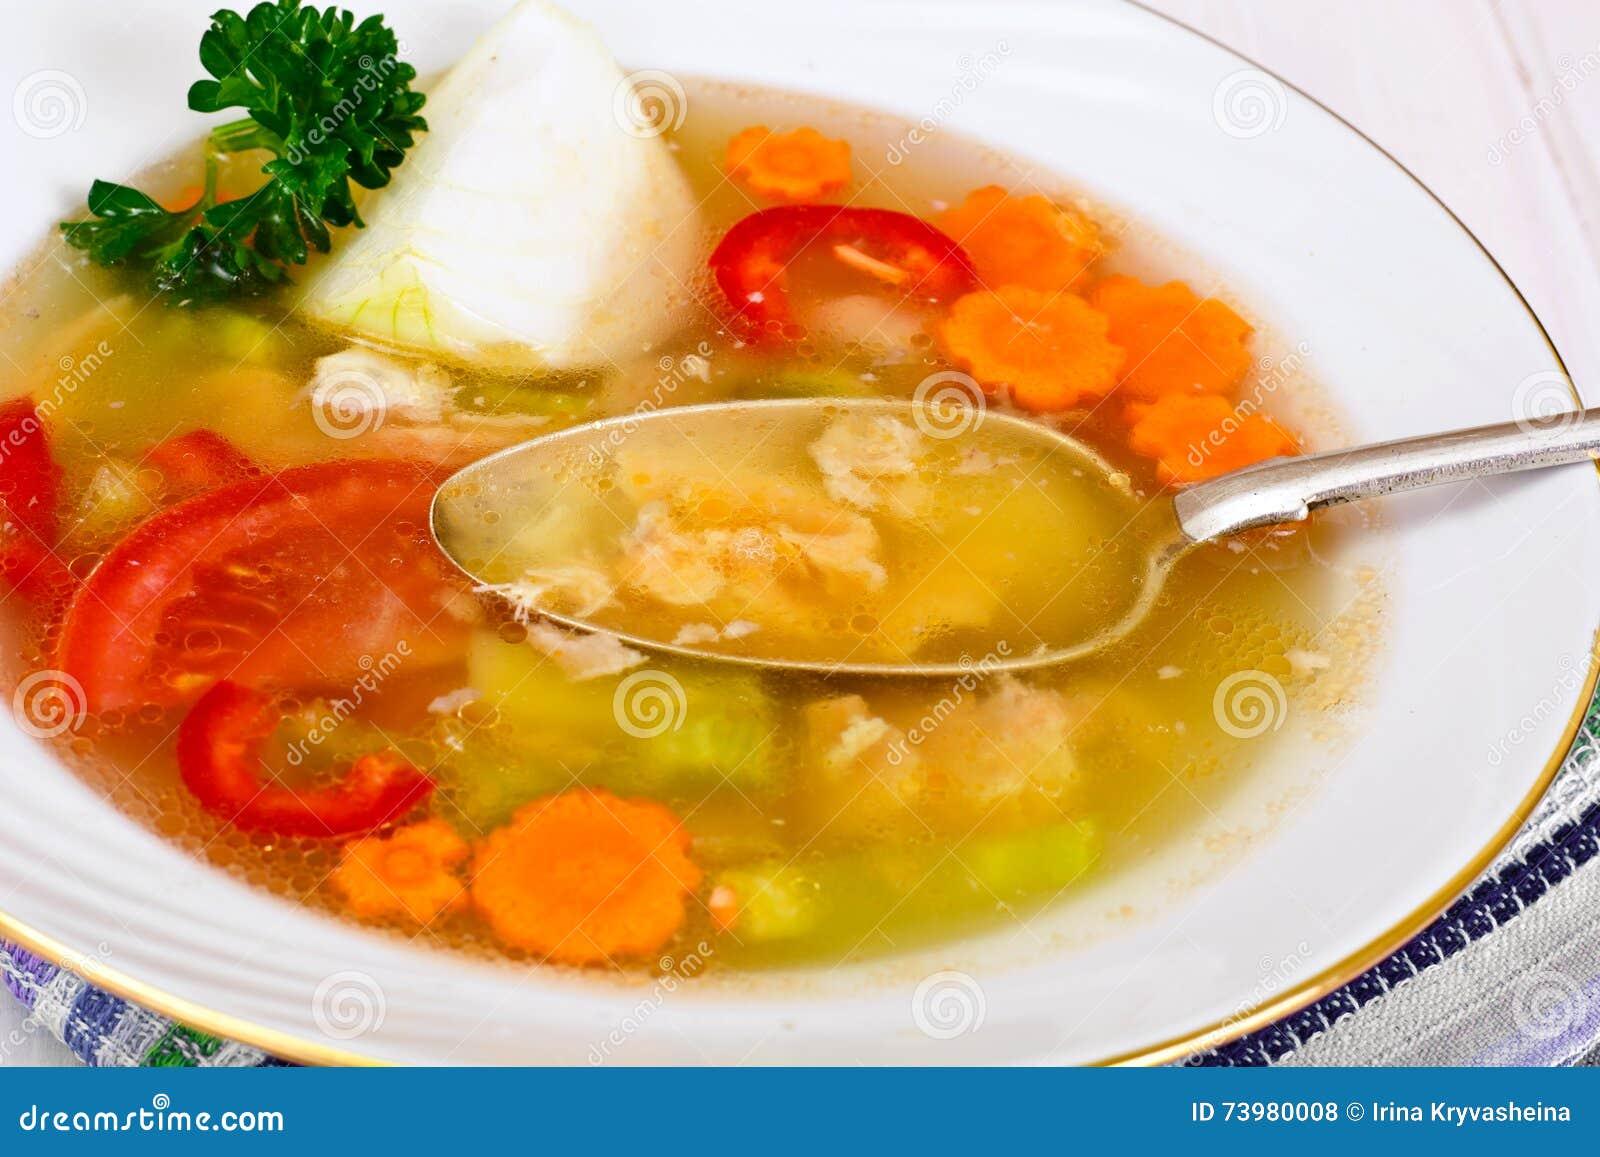 fisch suppe mit forelle und gem se stockfoto bild von brokkoli abendessen 73980008. Black Bedroom Furniture Sets. Home Design Ideas